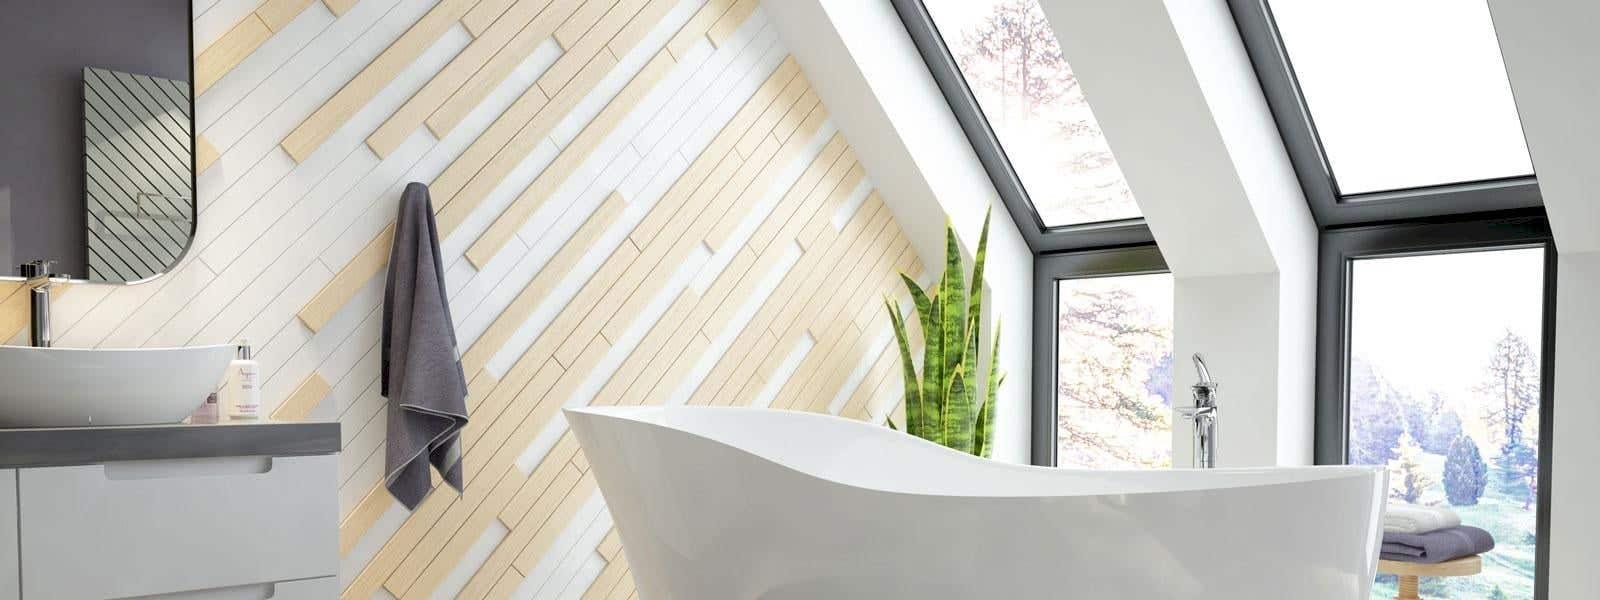 Bad mit Dachschräge